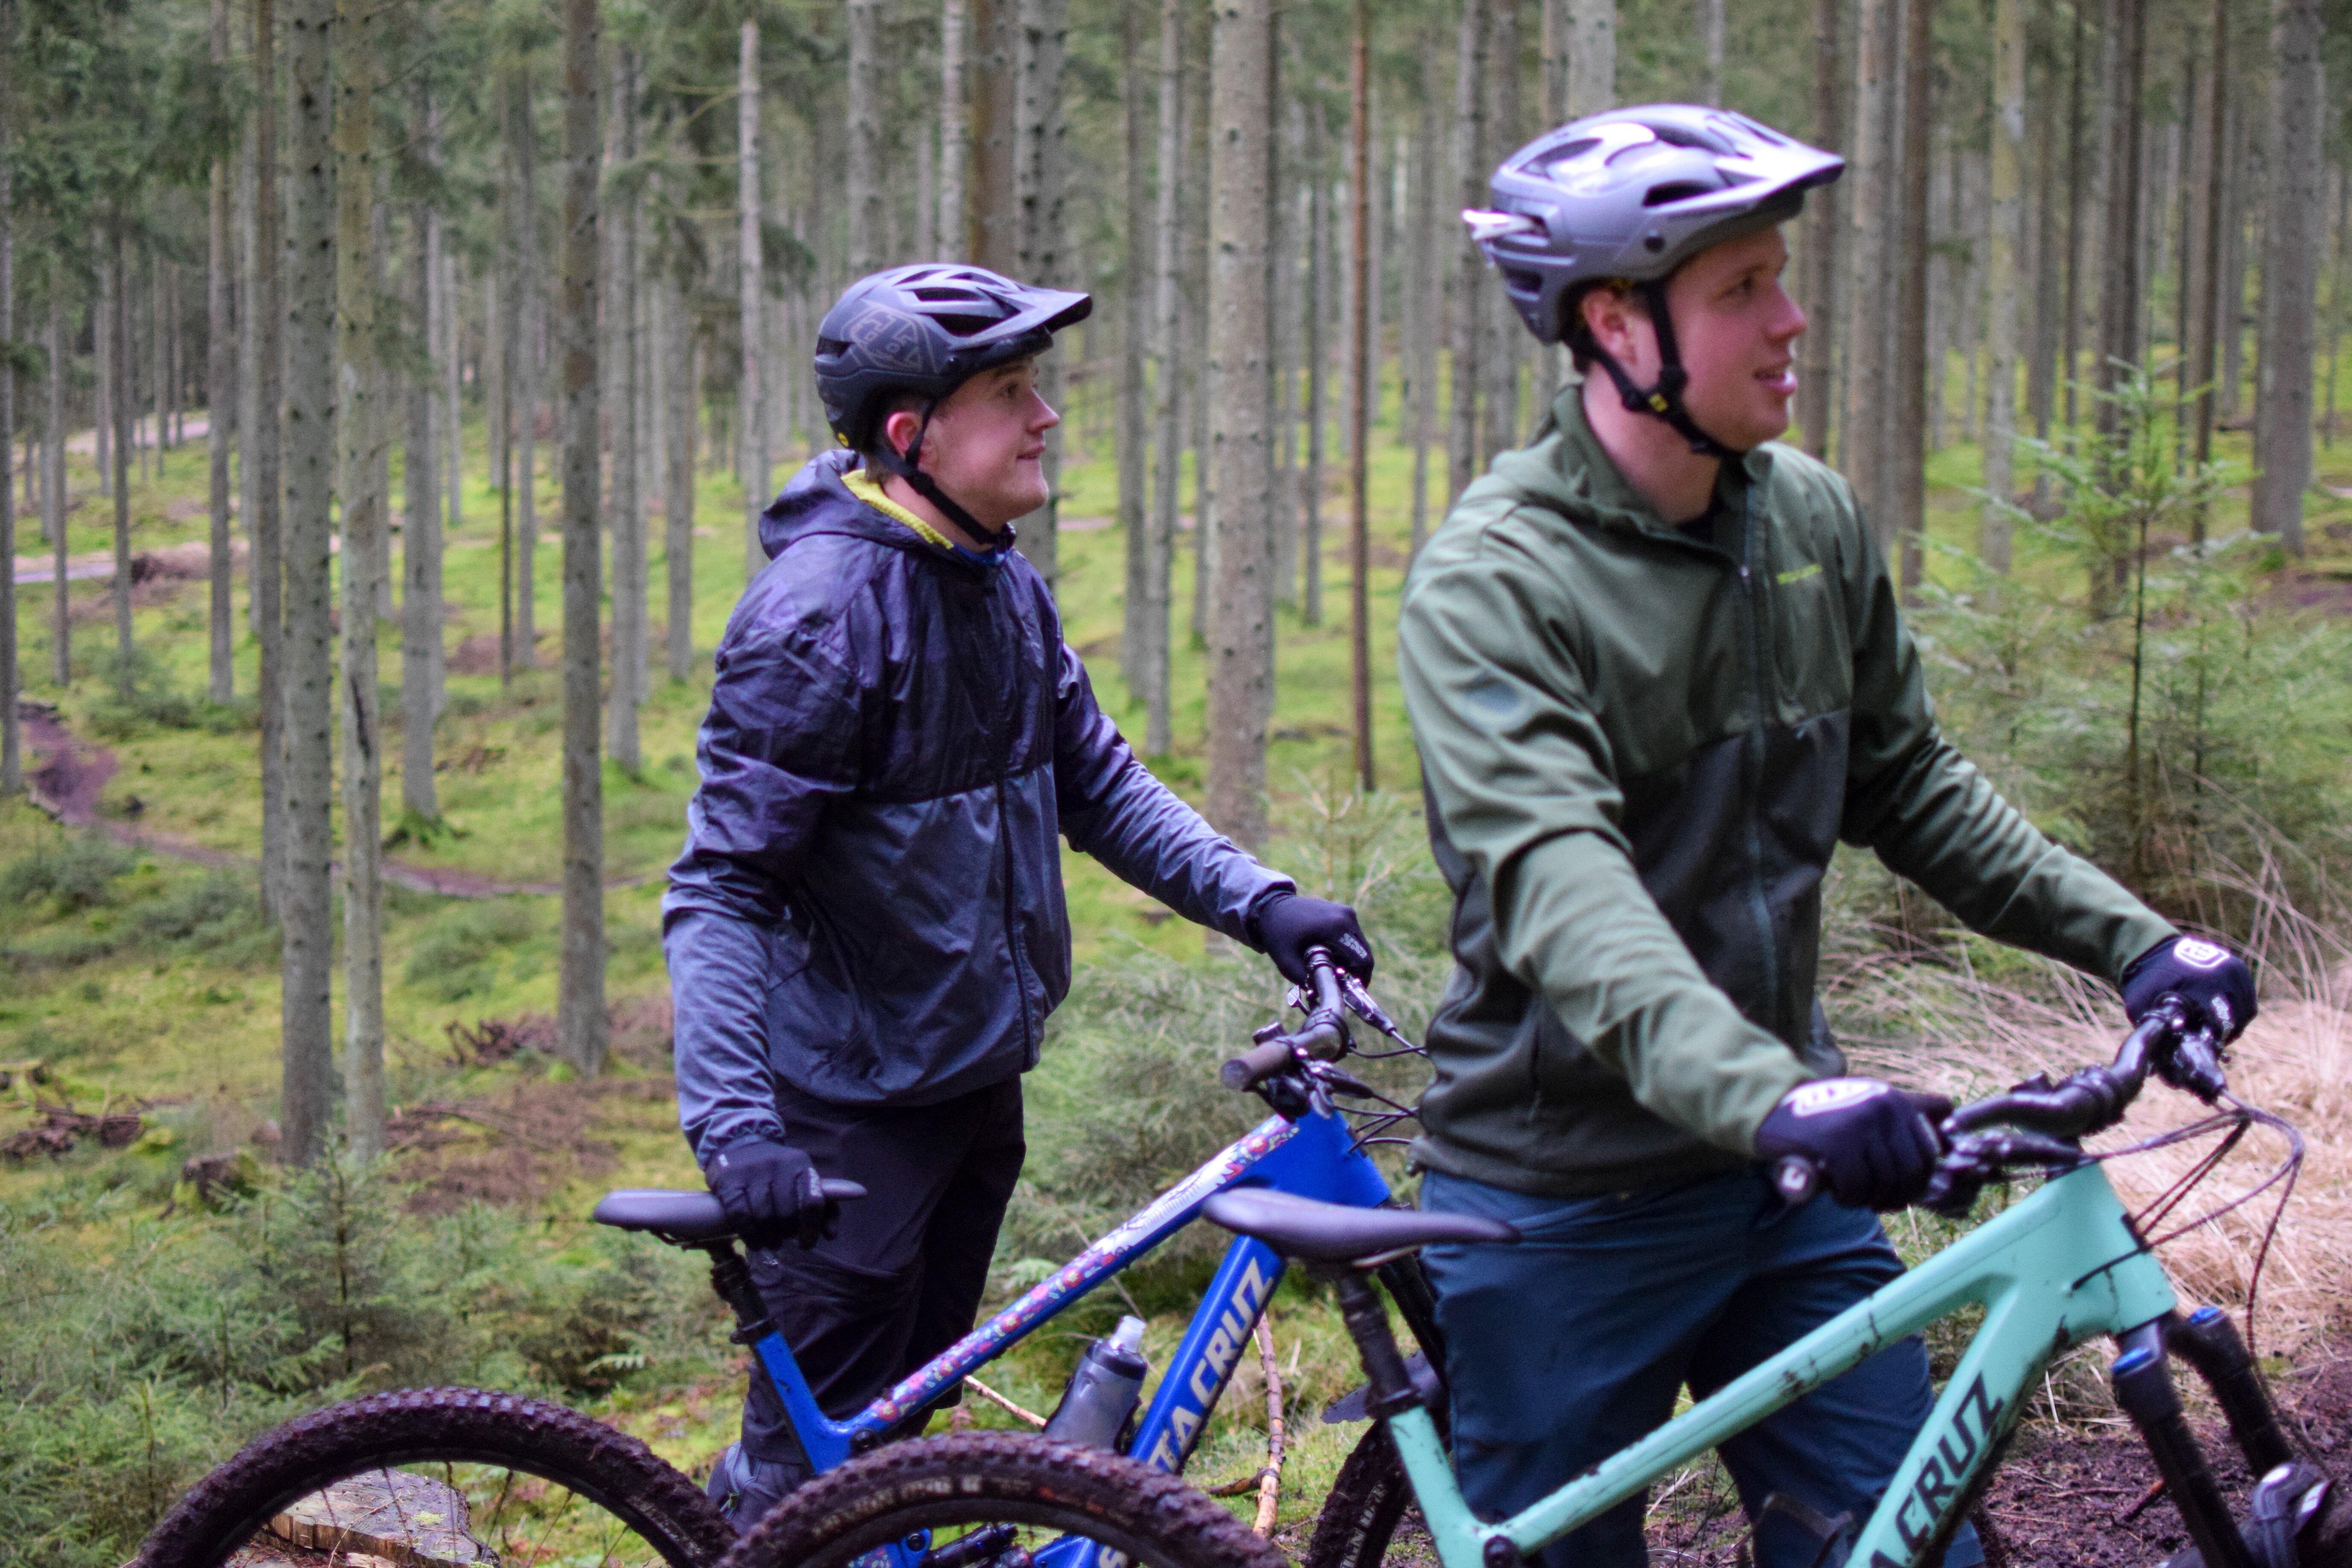 Enduro i Danmark en snak med Jeppe og Lasse fra Trailcuppen